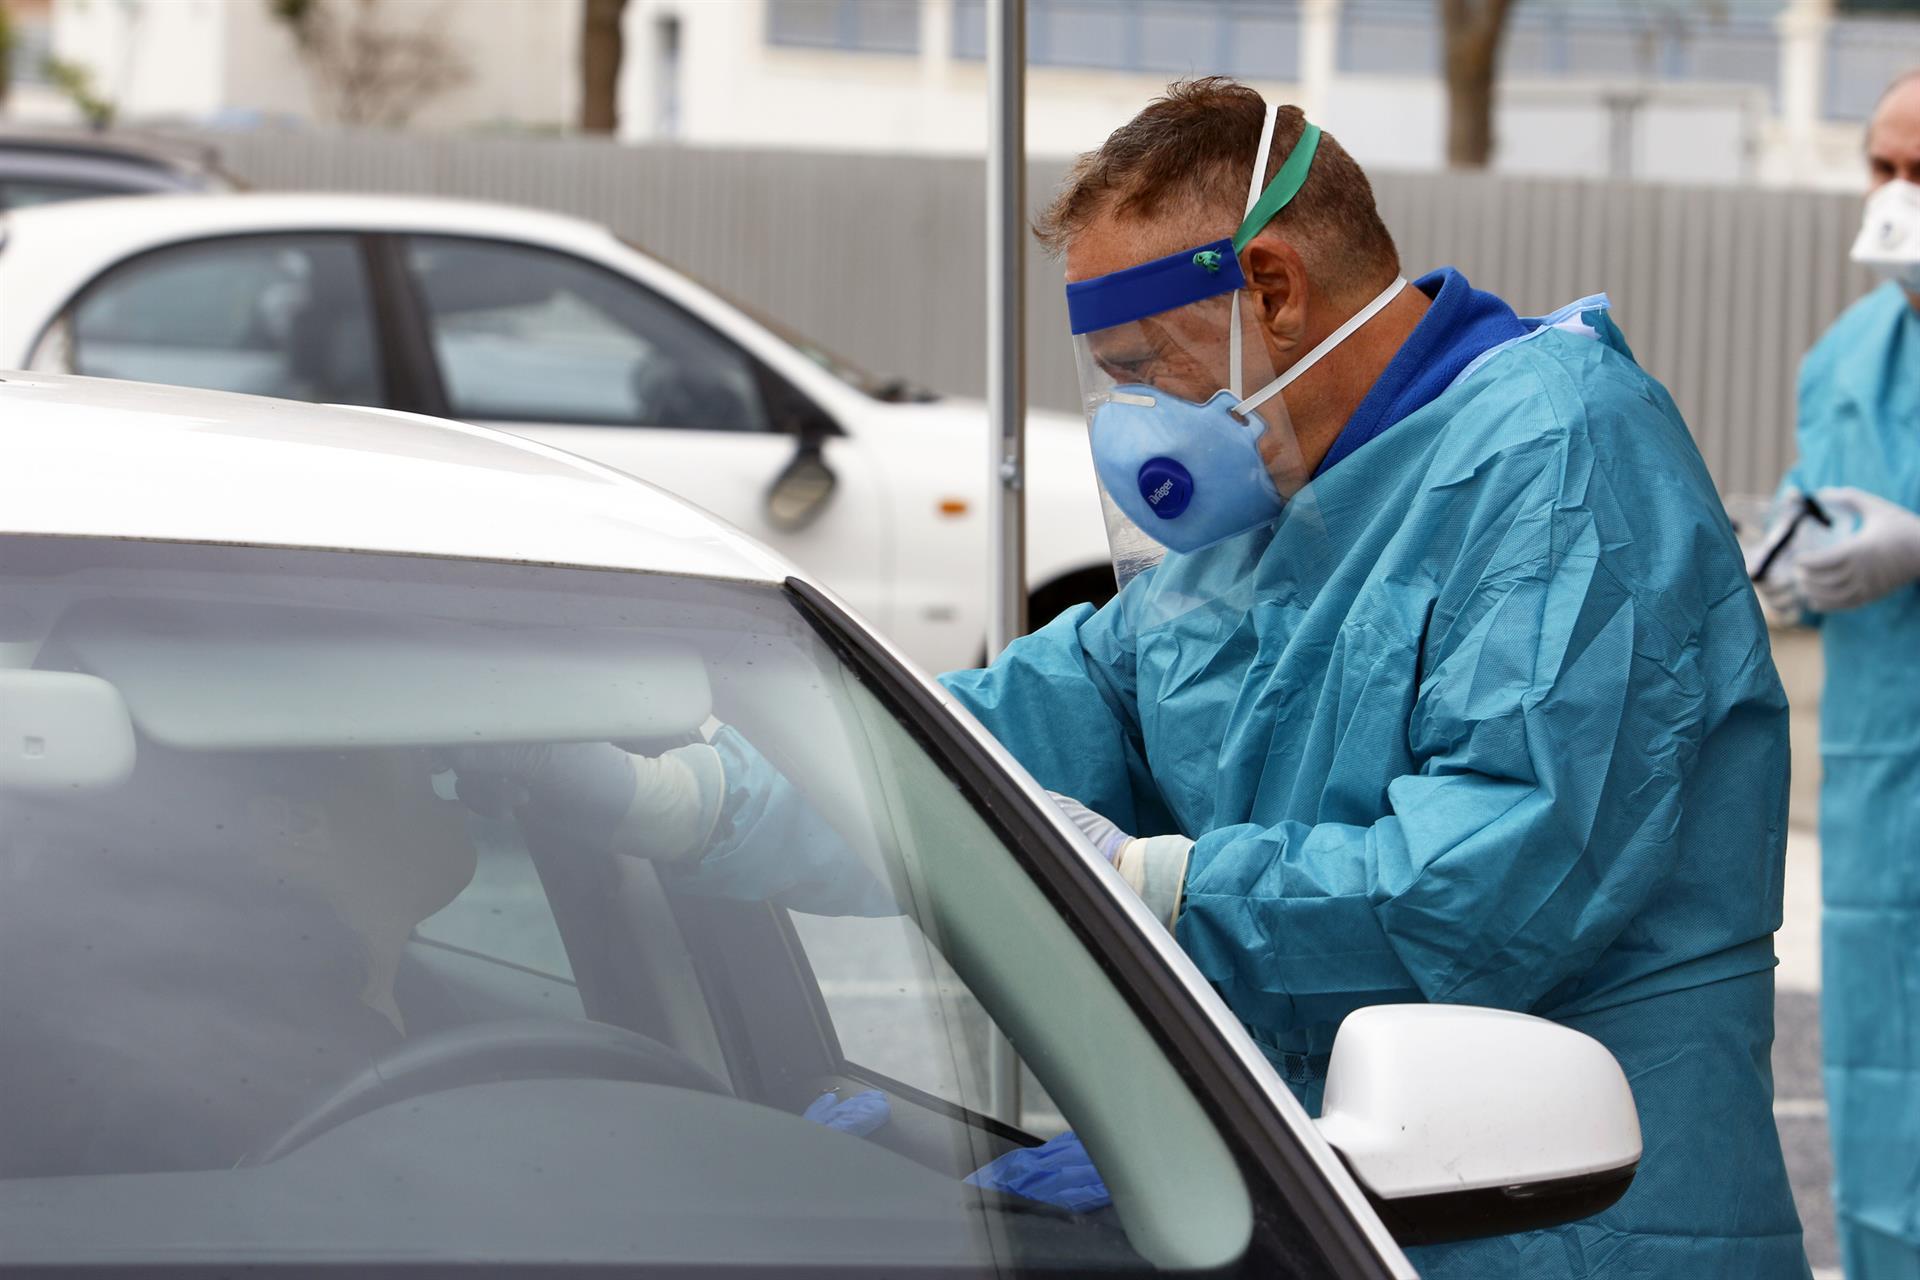 685 contagios, seis fallecidos y 34 hospitalizados en el último día